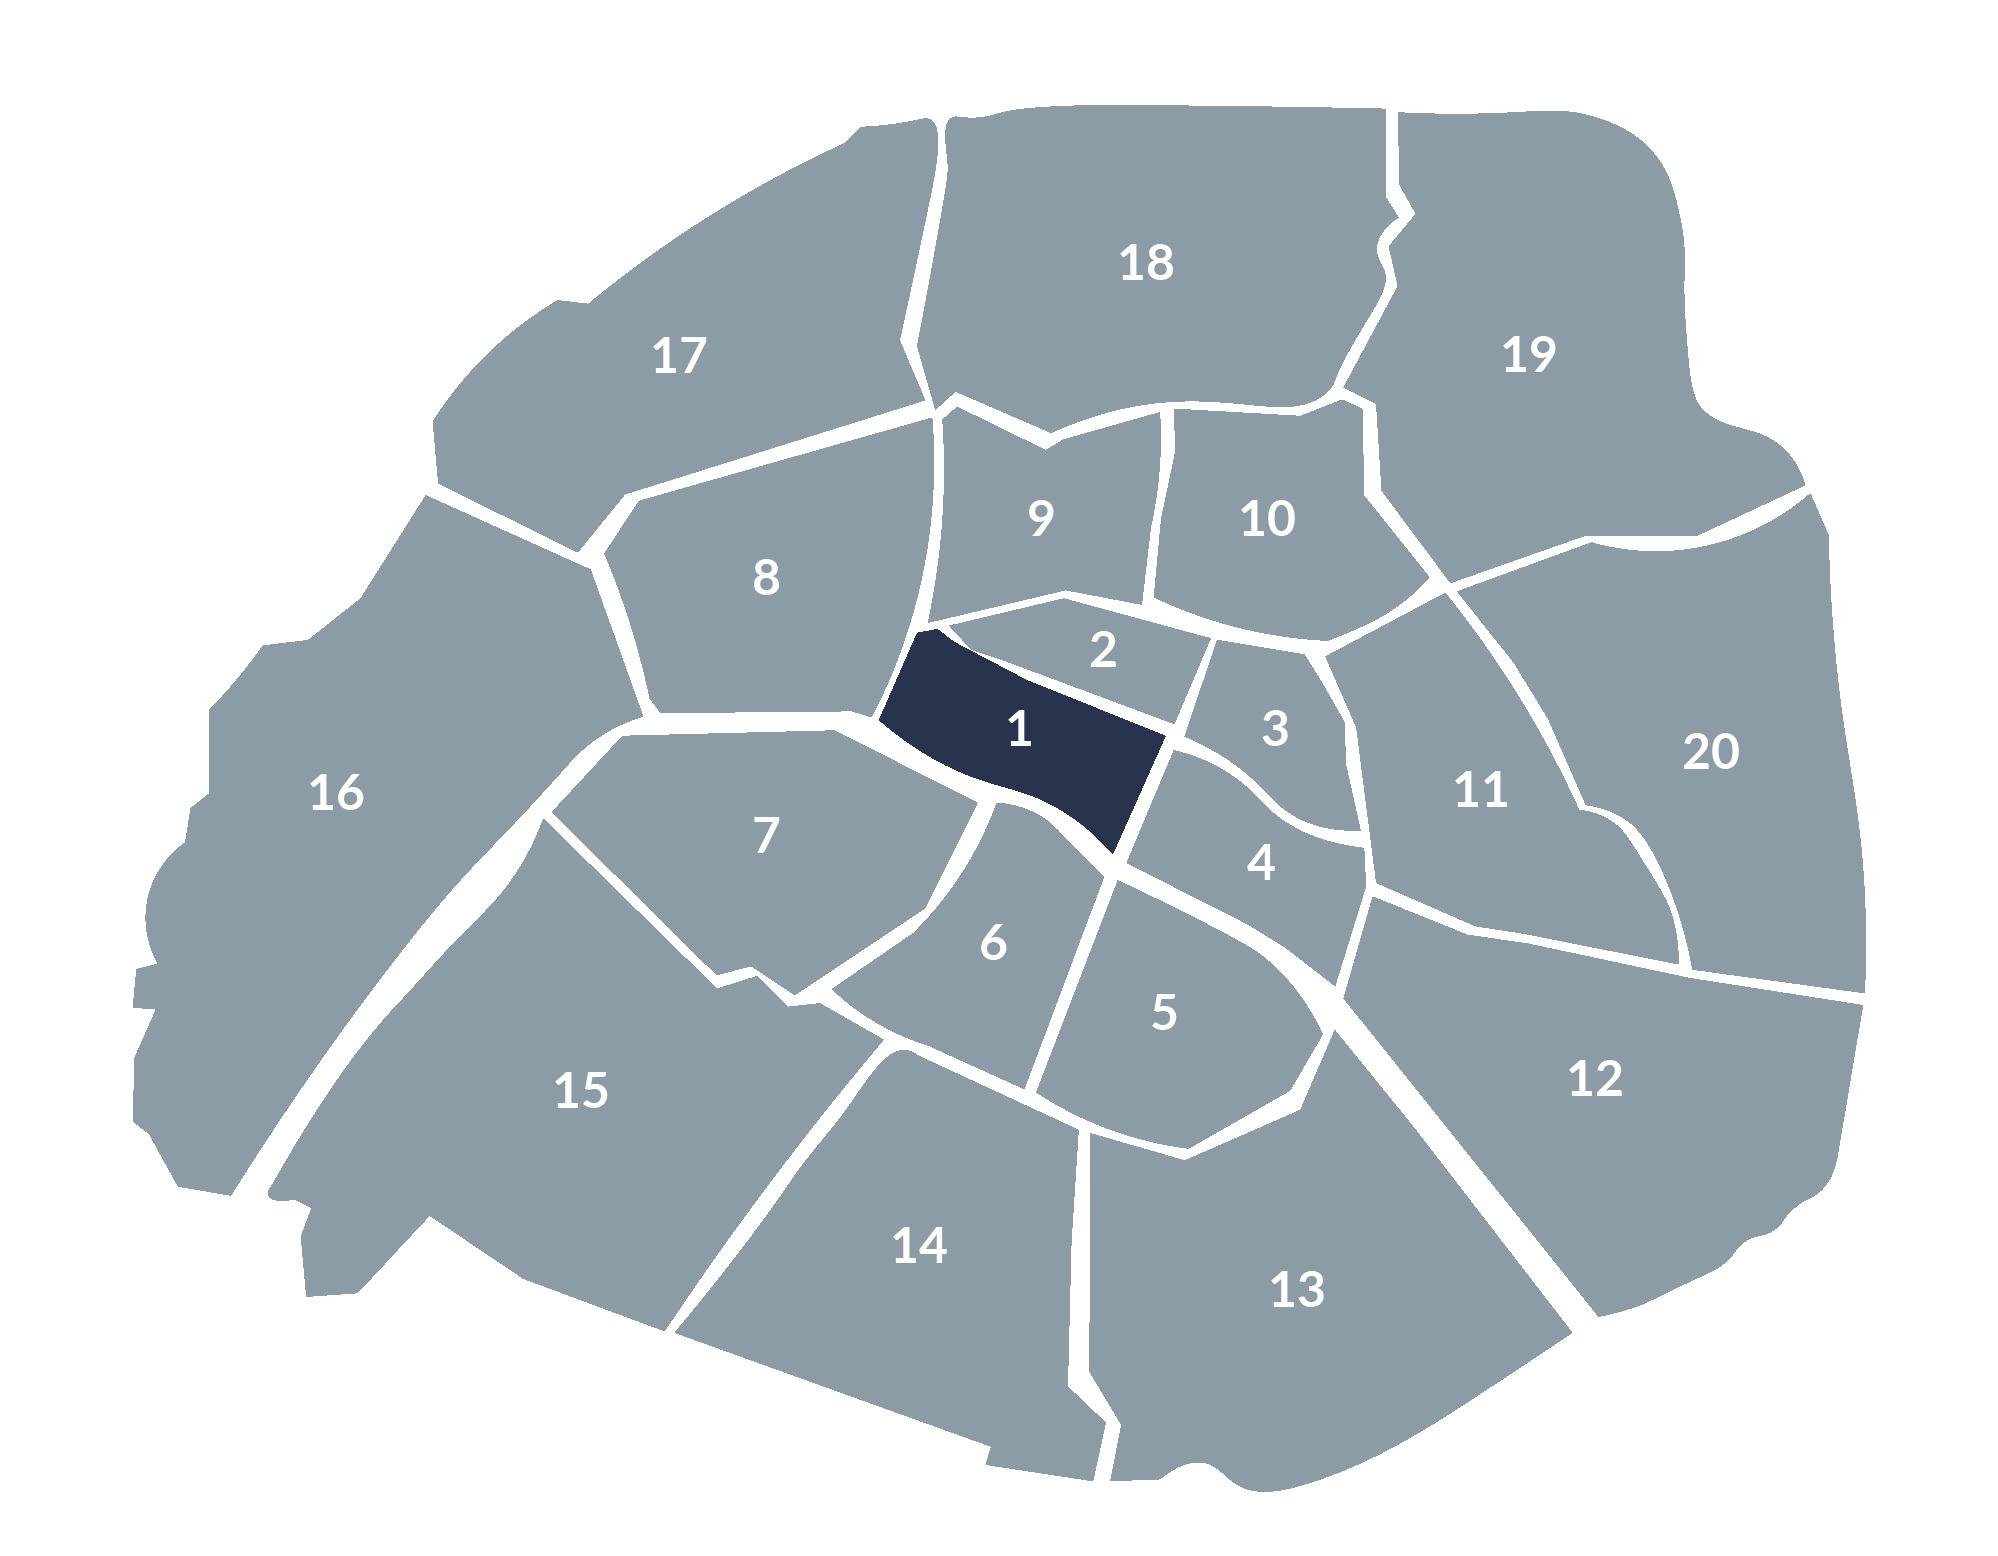 carte paris 1e arrondissement